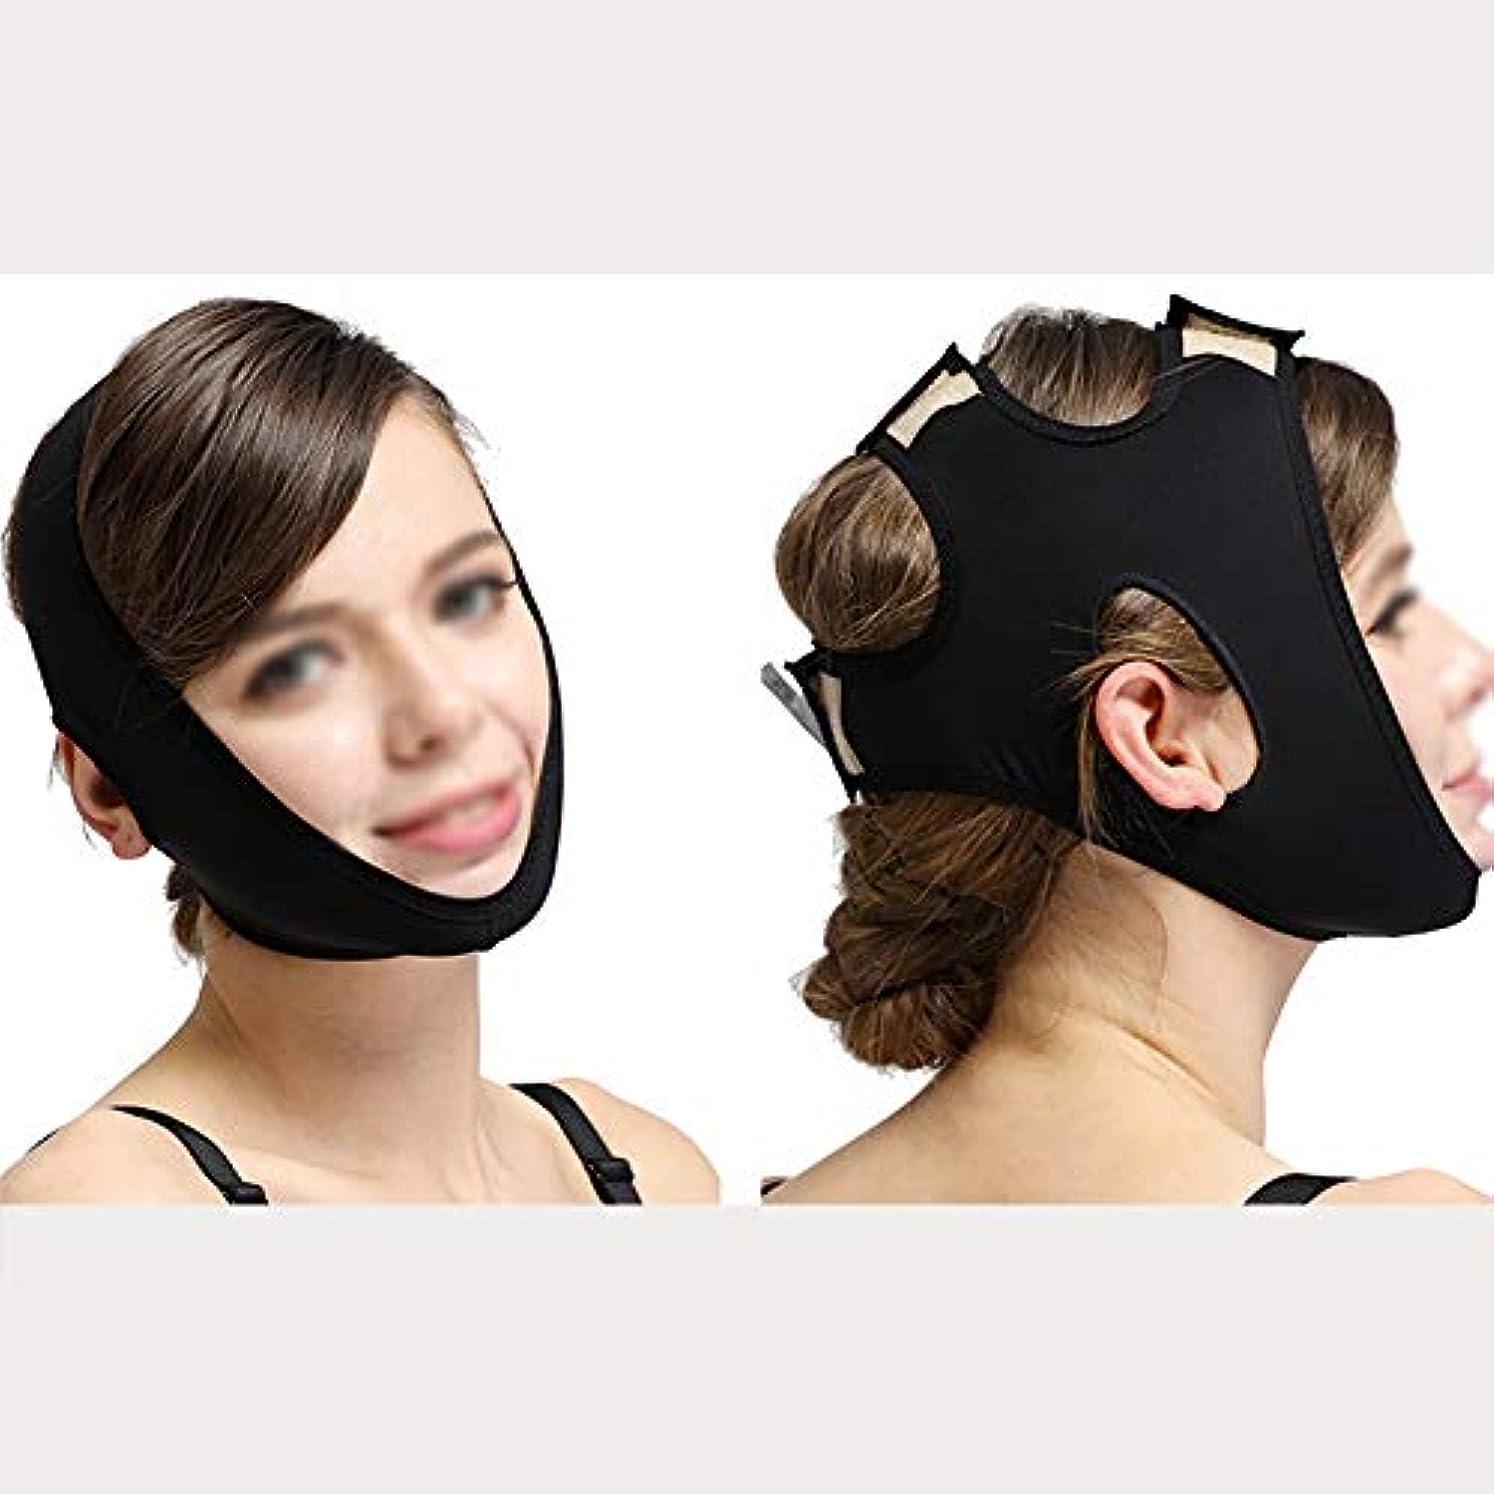 考慮蓄積する社説XHLMRMJ 顔面彫刻ツール、脂肪吸引フード、あご加圧、ストレッチマスク (Color : Black, Size : M)